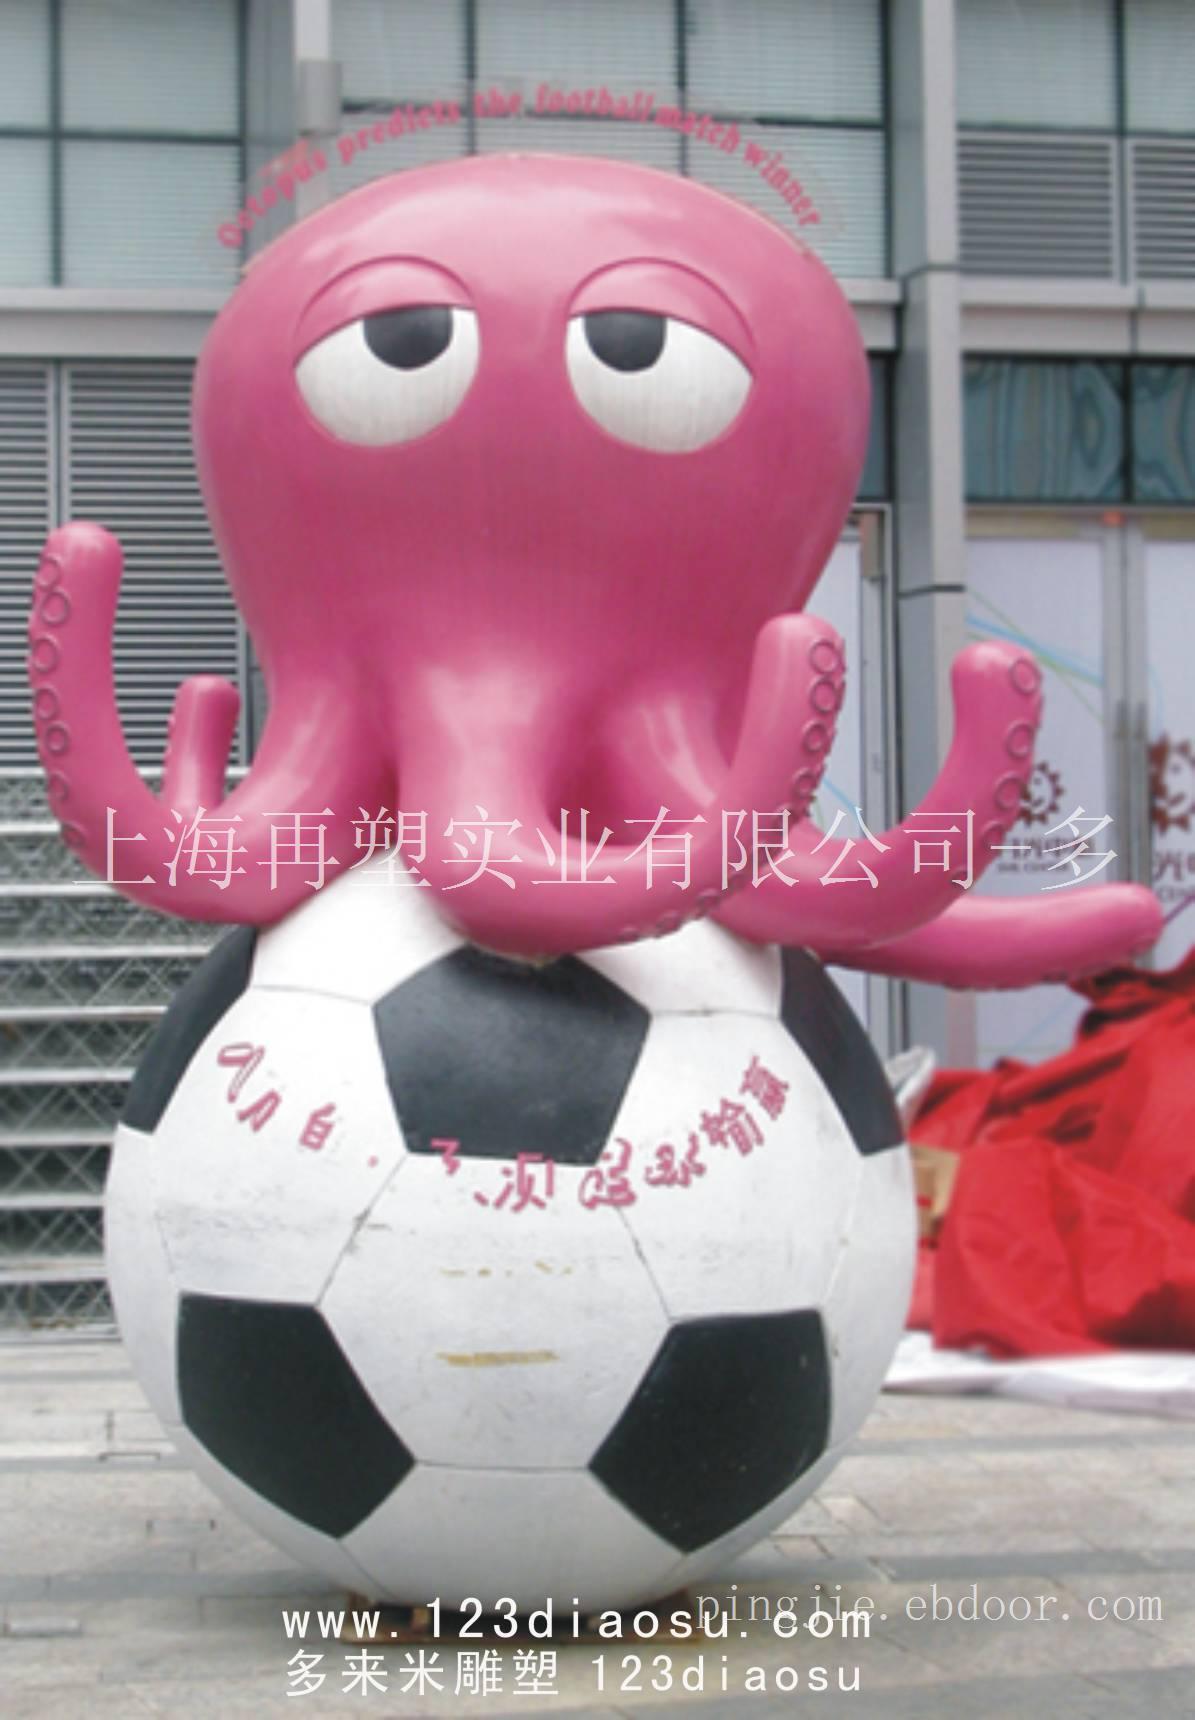 玻璃钢烤漆动物趣味雕塑小品_上海玻璃雕塑_上海玻璃雕塑咨询